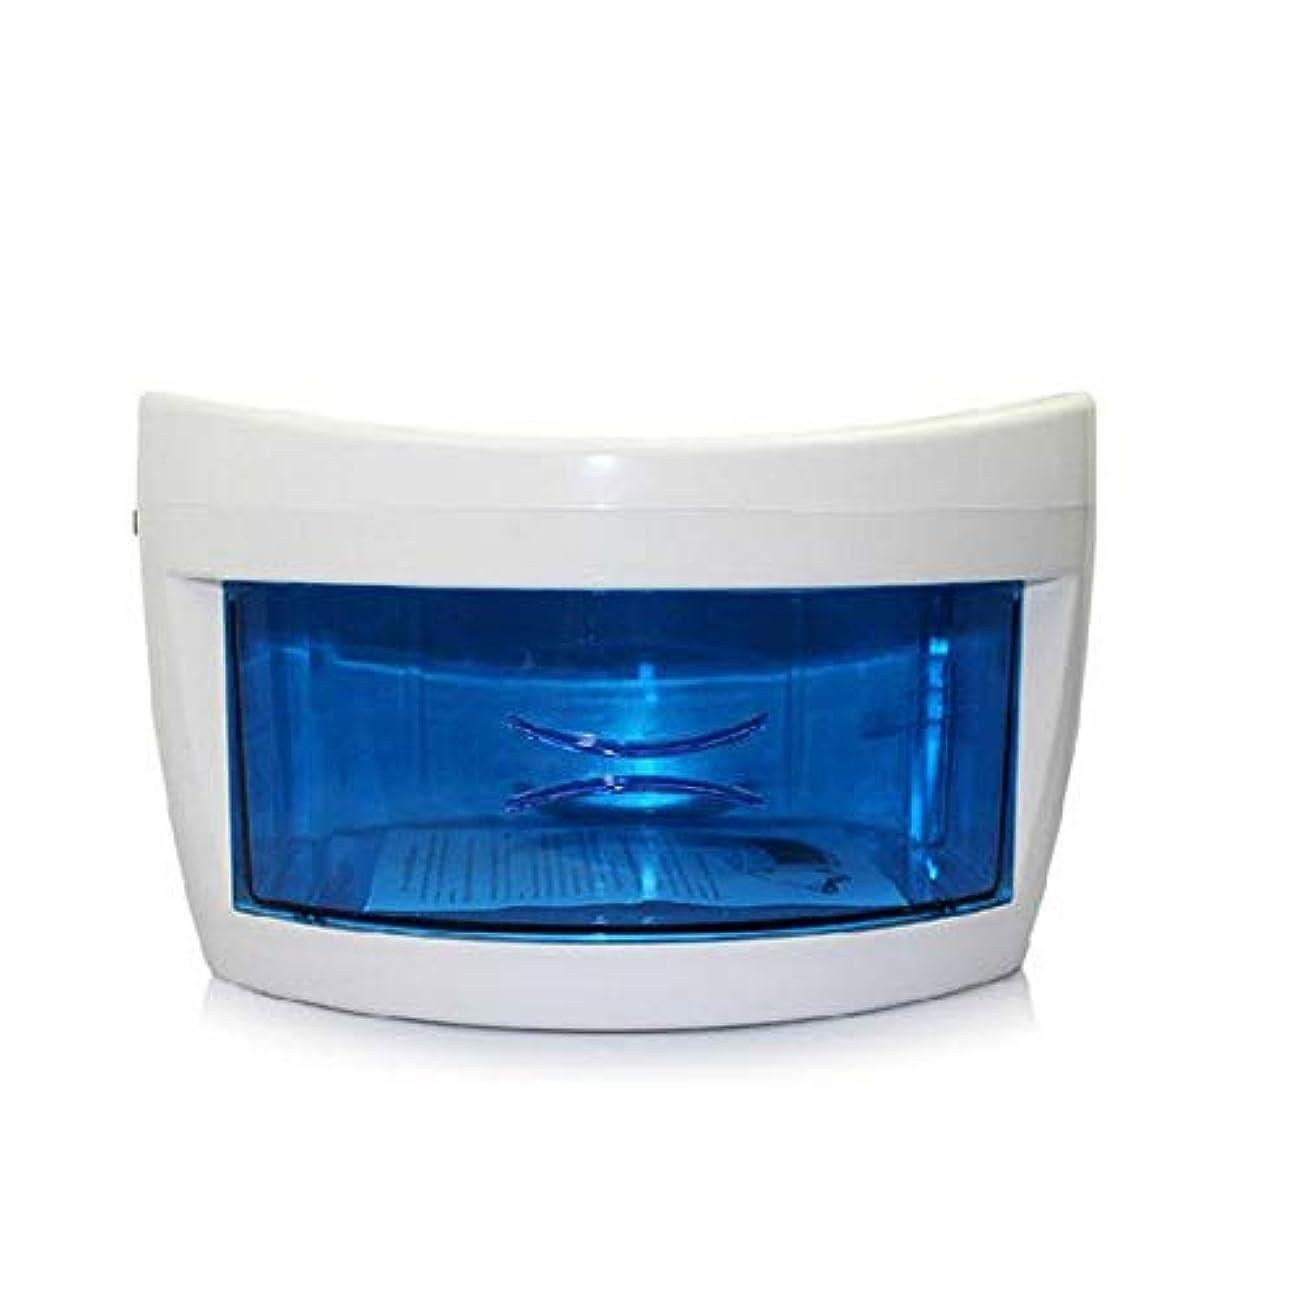 破産仕方頑張る専門の卓上の紫外線紫外線用具の滅菌装置のキャビネット、釘用具の付属品の滅菌装置の美容院のための高温クリーニング機械